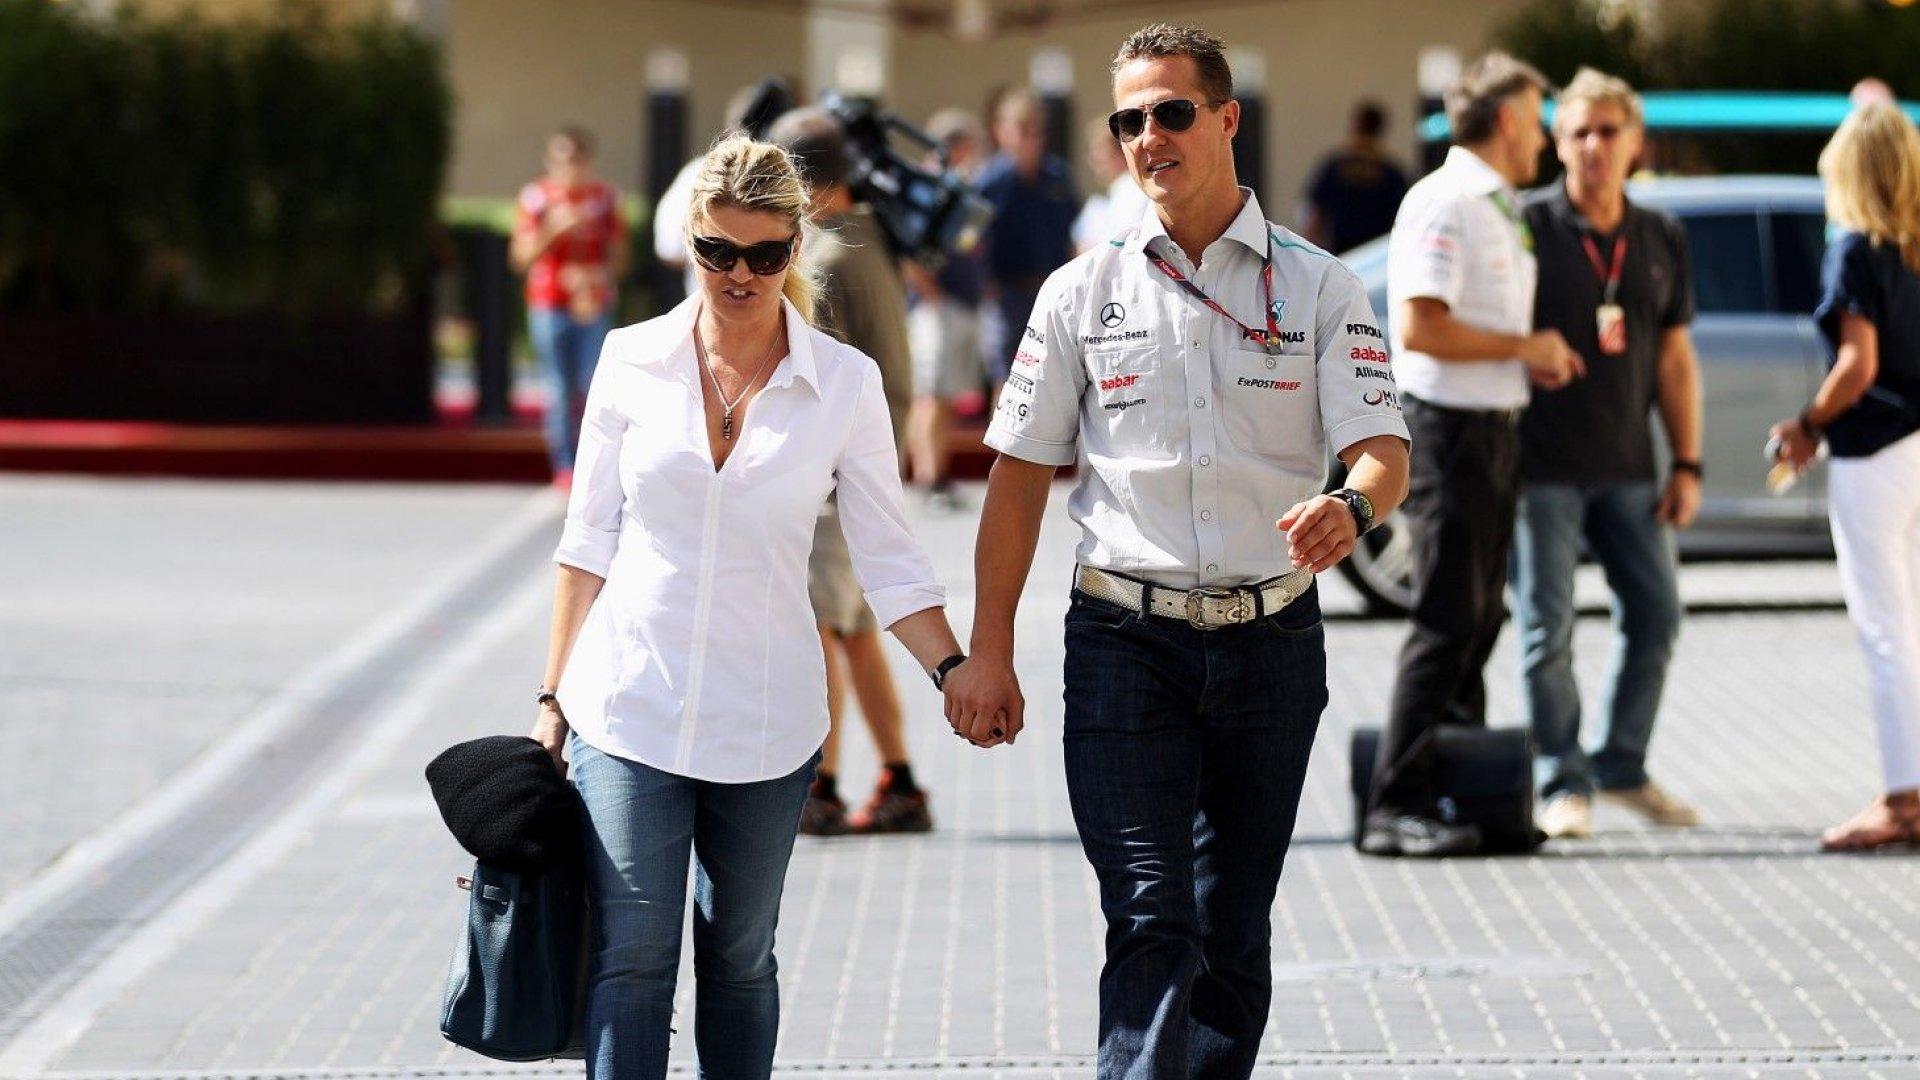 Бившият мениджър на Шумахер нападна съпругата му: Тя крие истината!